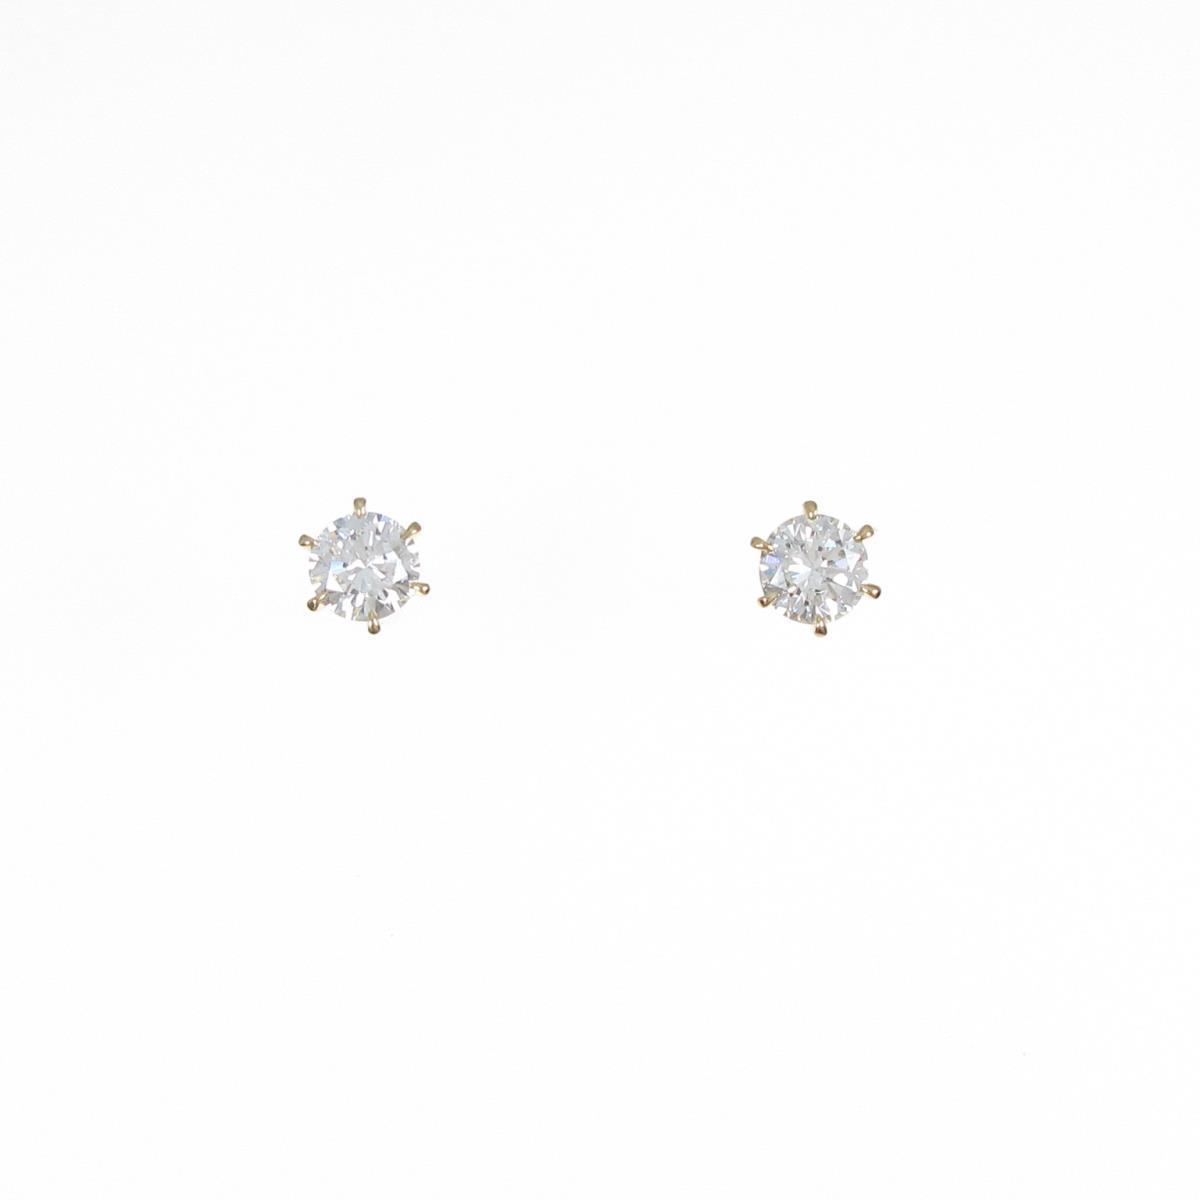 【新品】K18YG ダイヤモンドピアス 0.267ct・0.265ct・G・VS1-2・VG【新品】